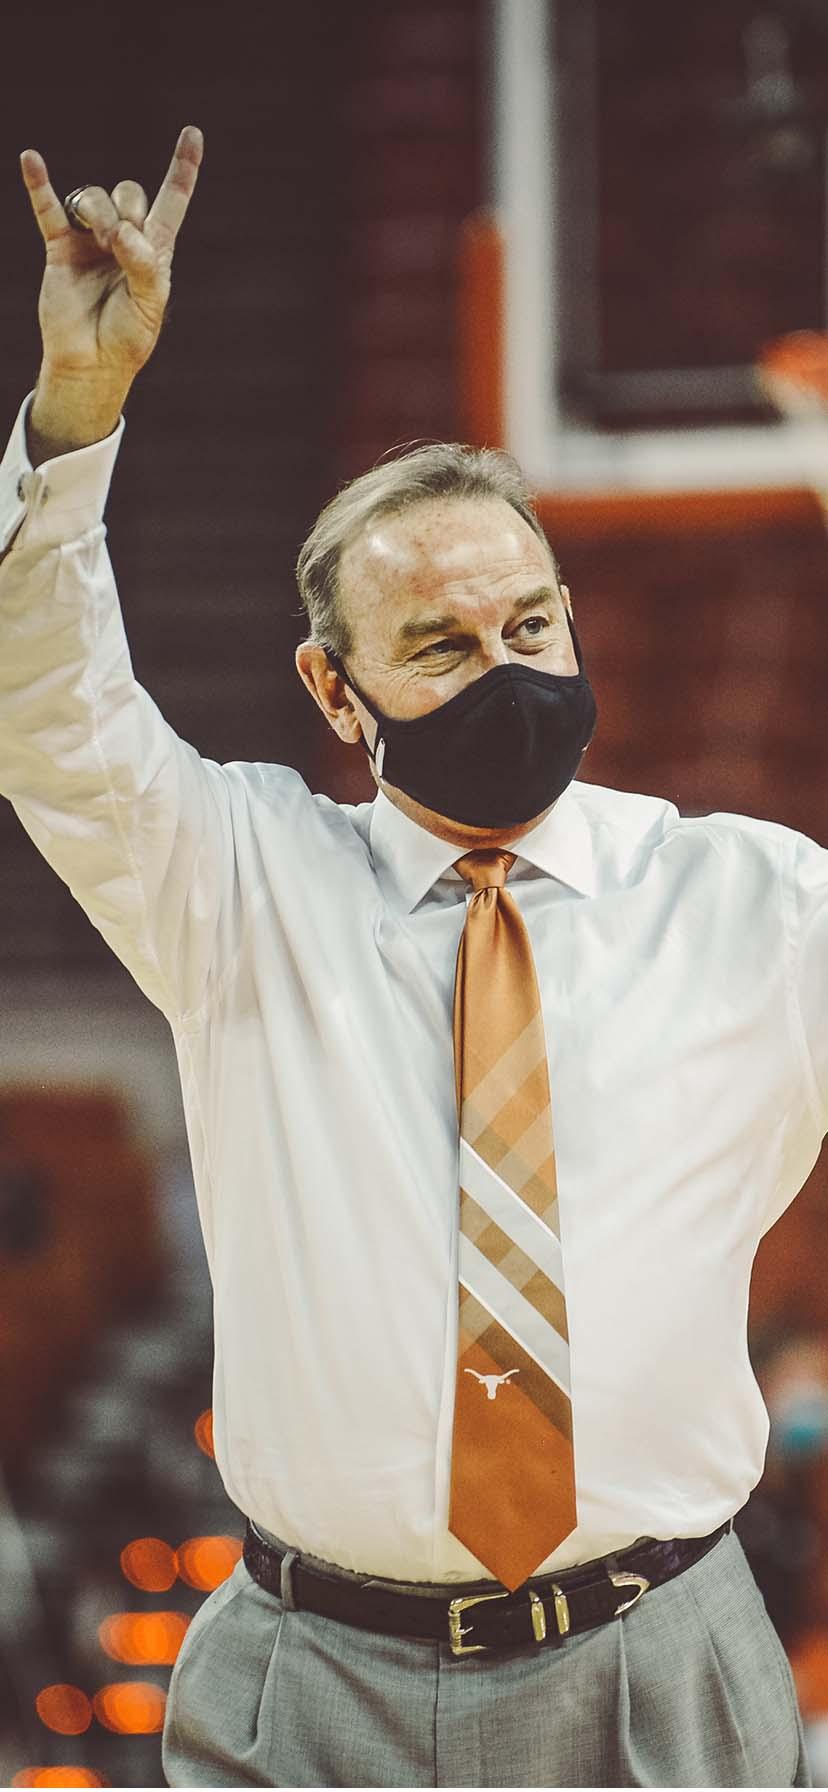 Texas WBB Head Coach Vic Schaefer